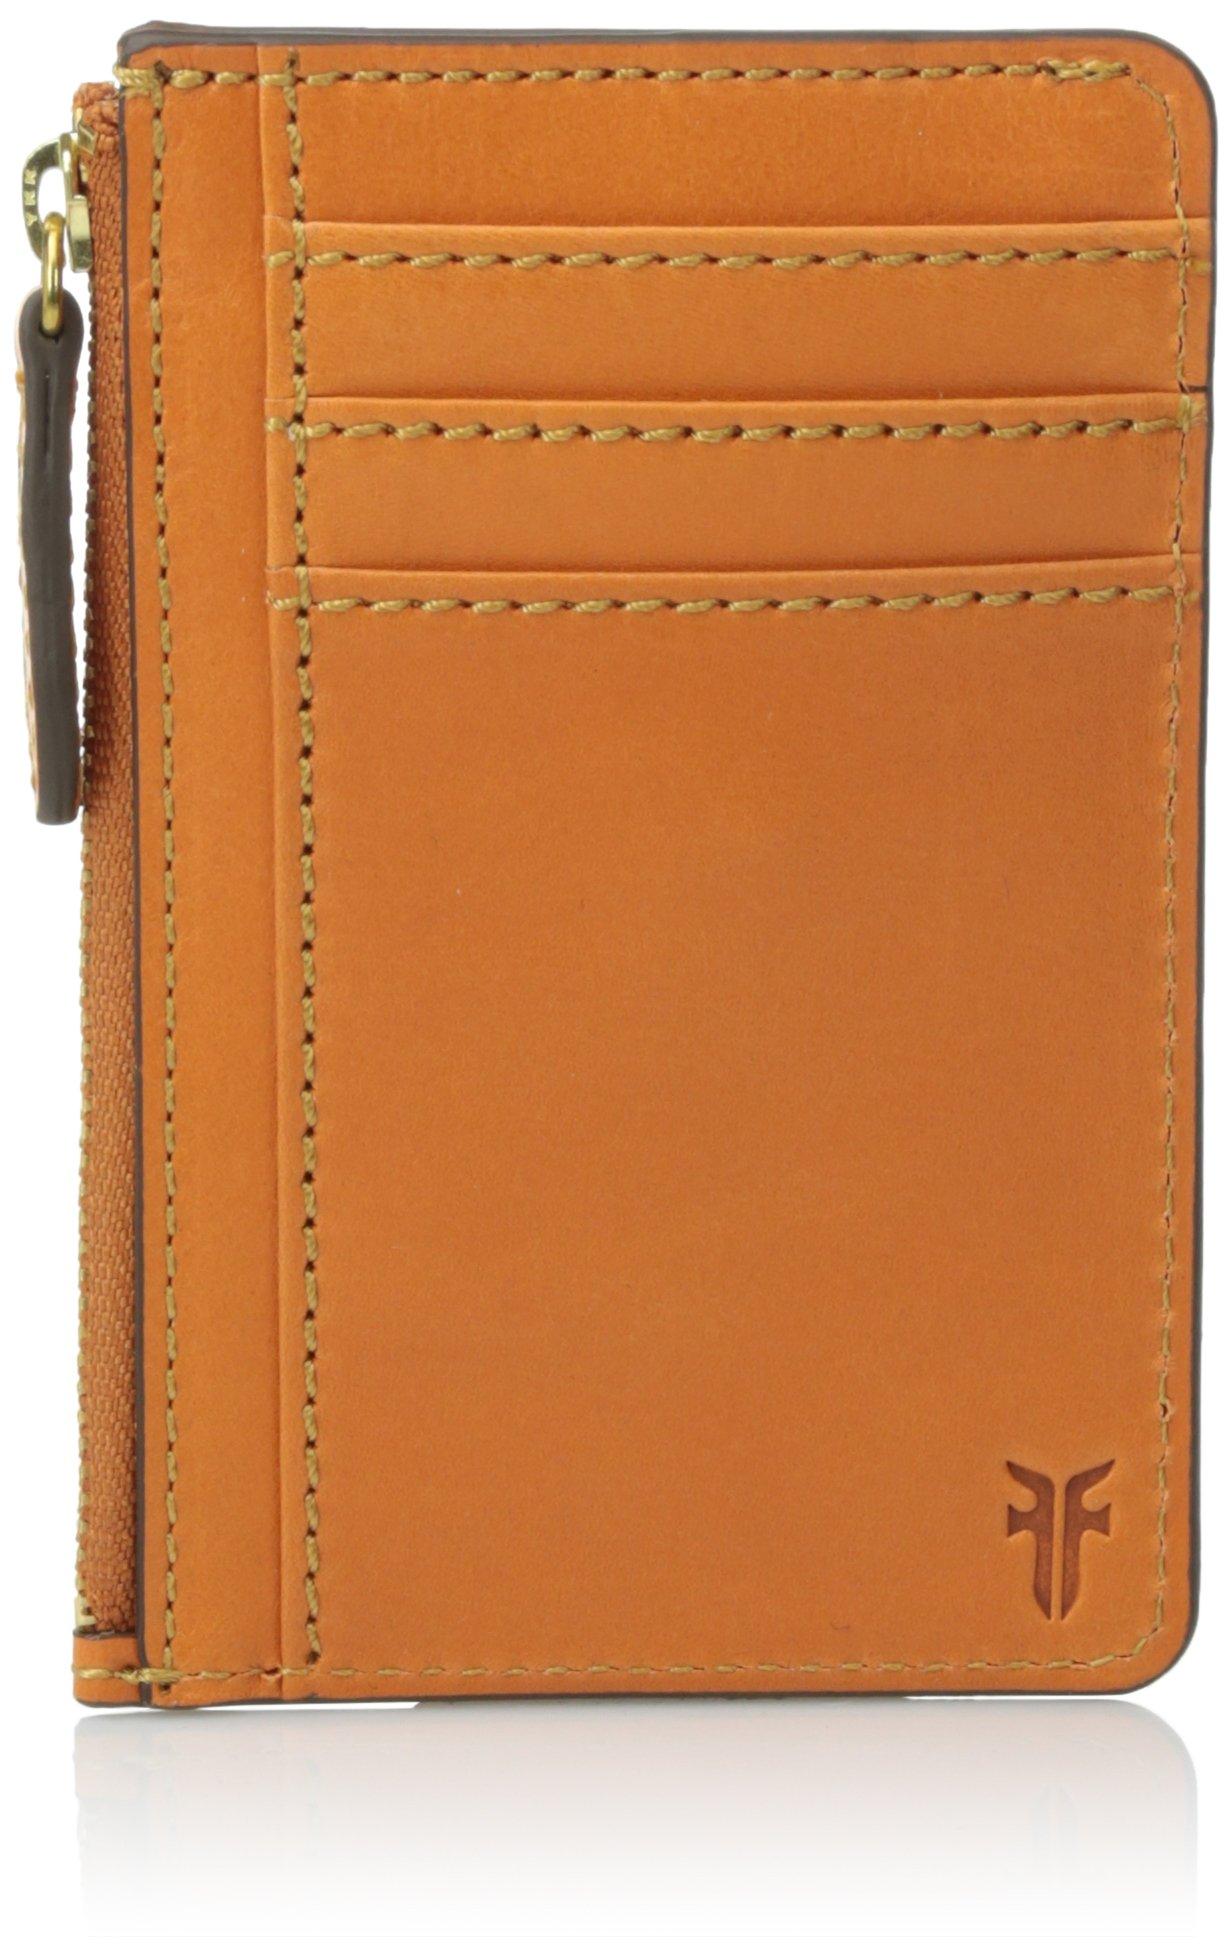 FRYE Women's Harness Id Card Case, Orange, One Size